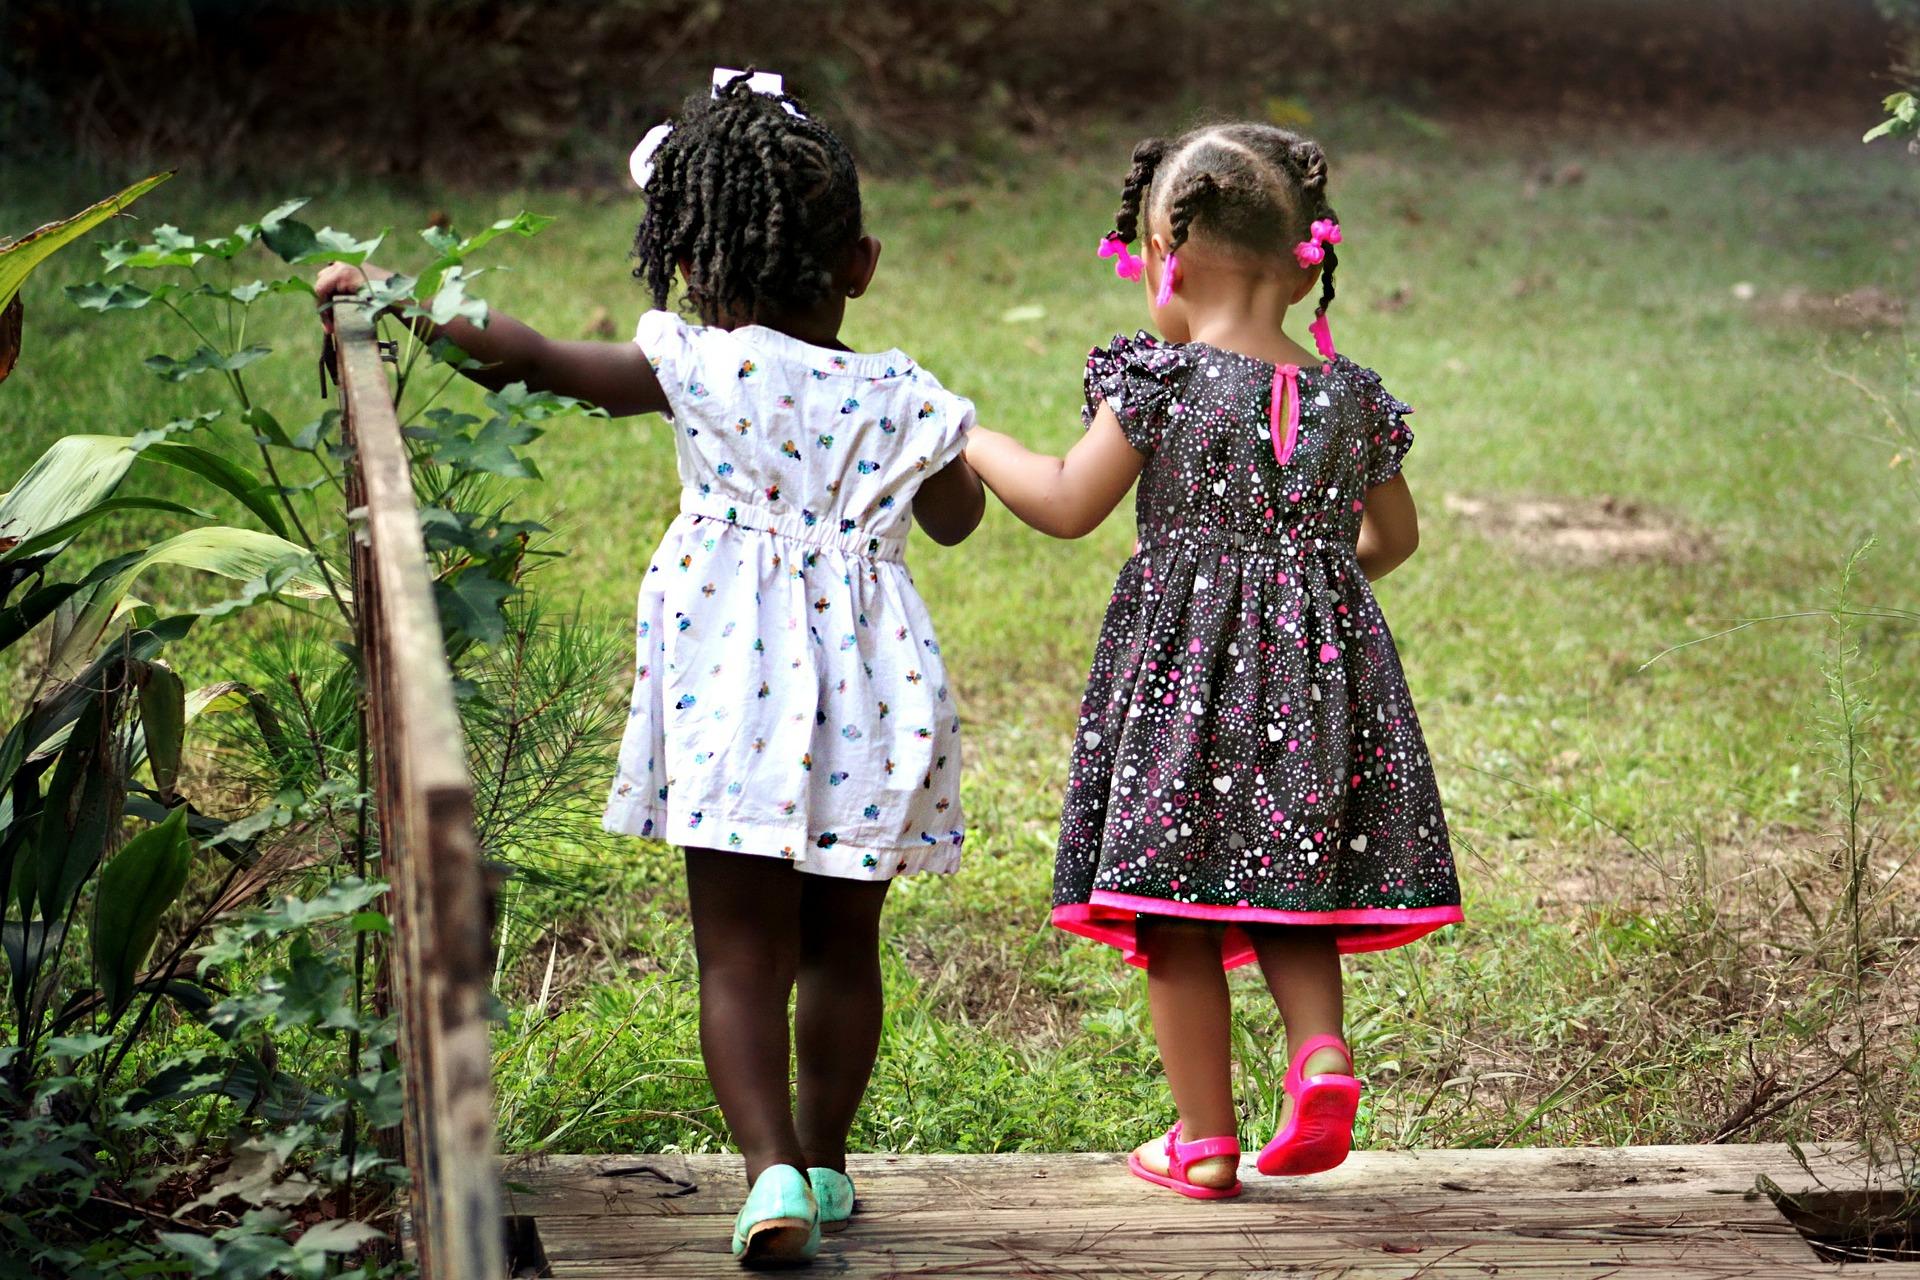 איך להעביר יום כיף עם הילדות?